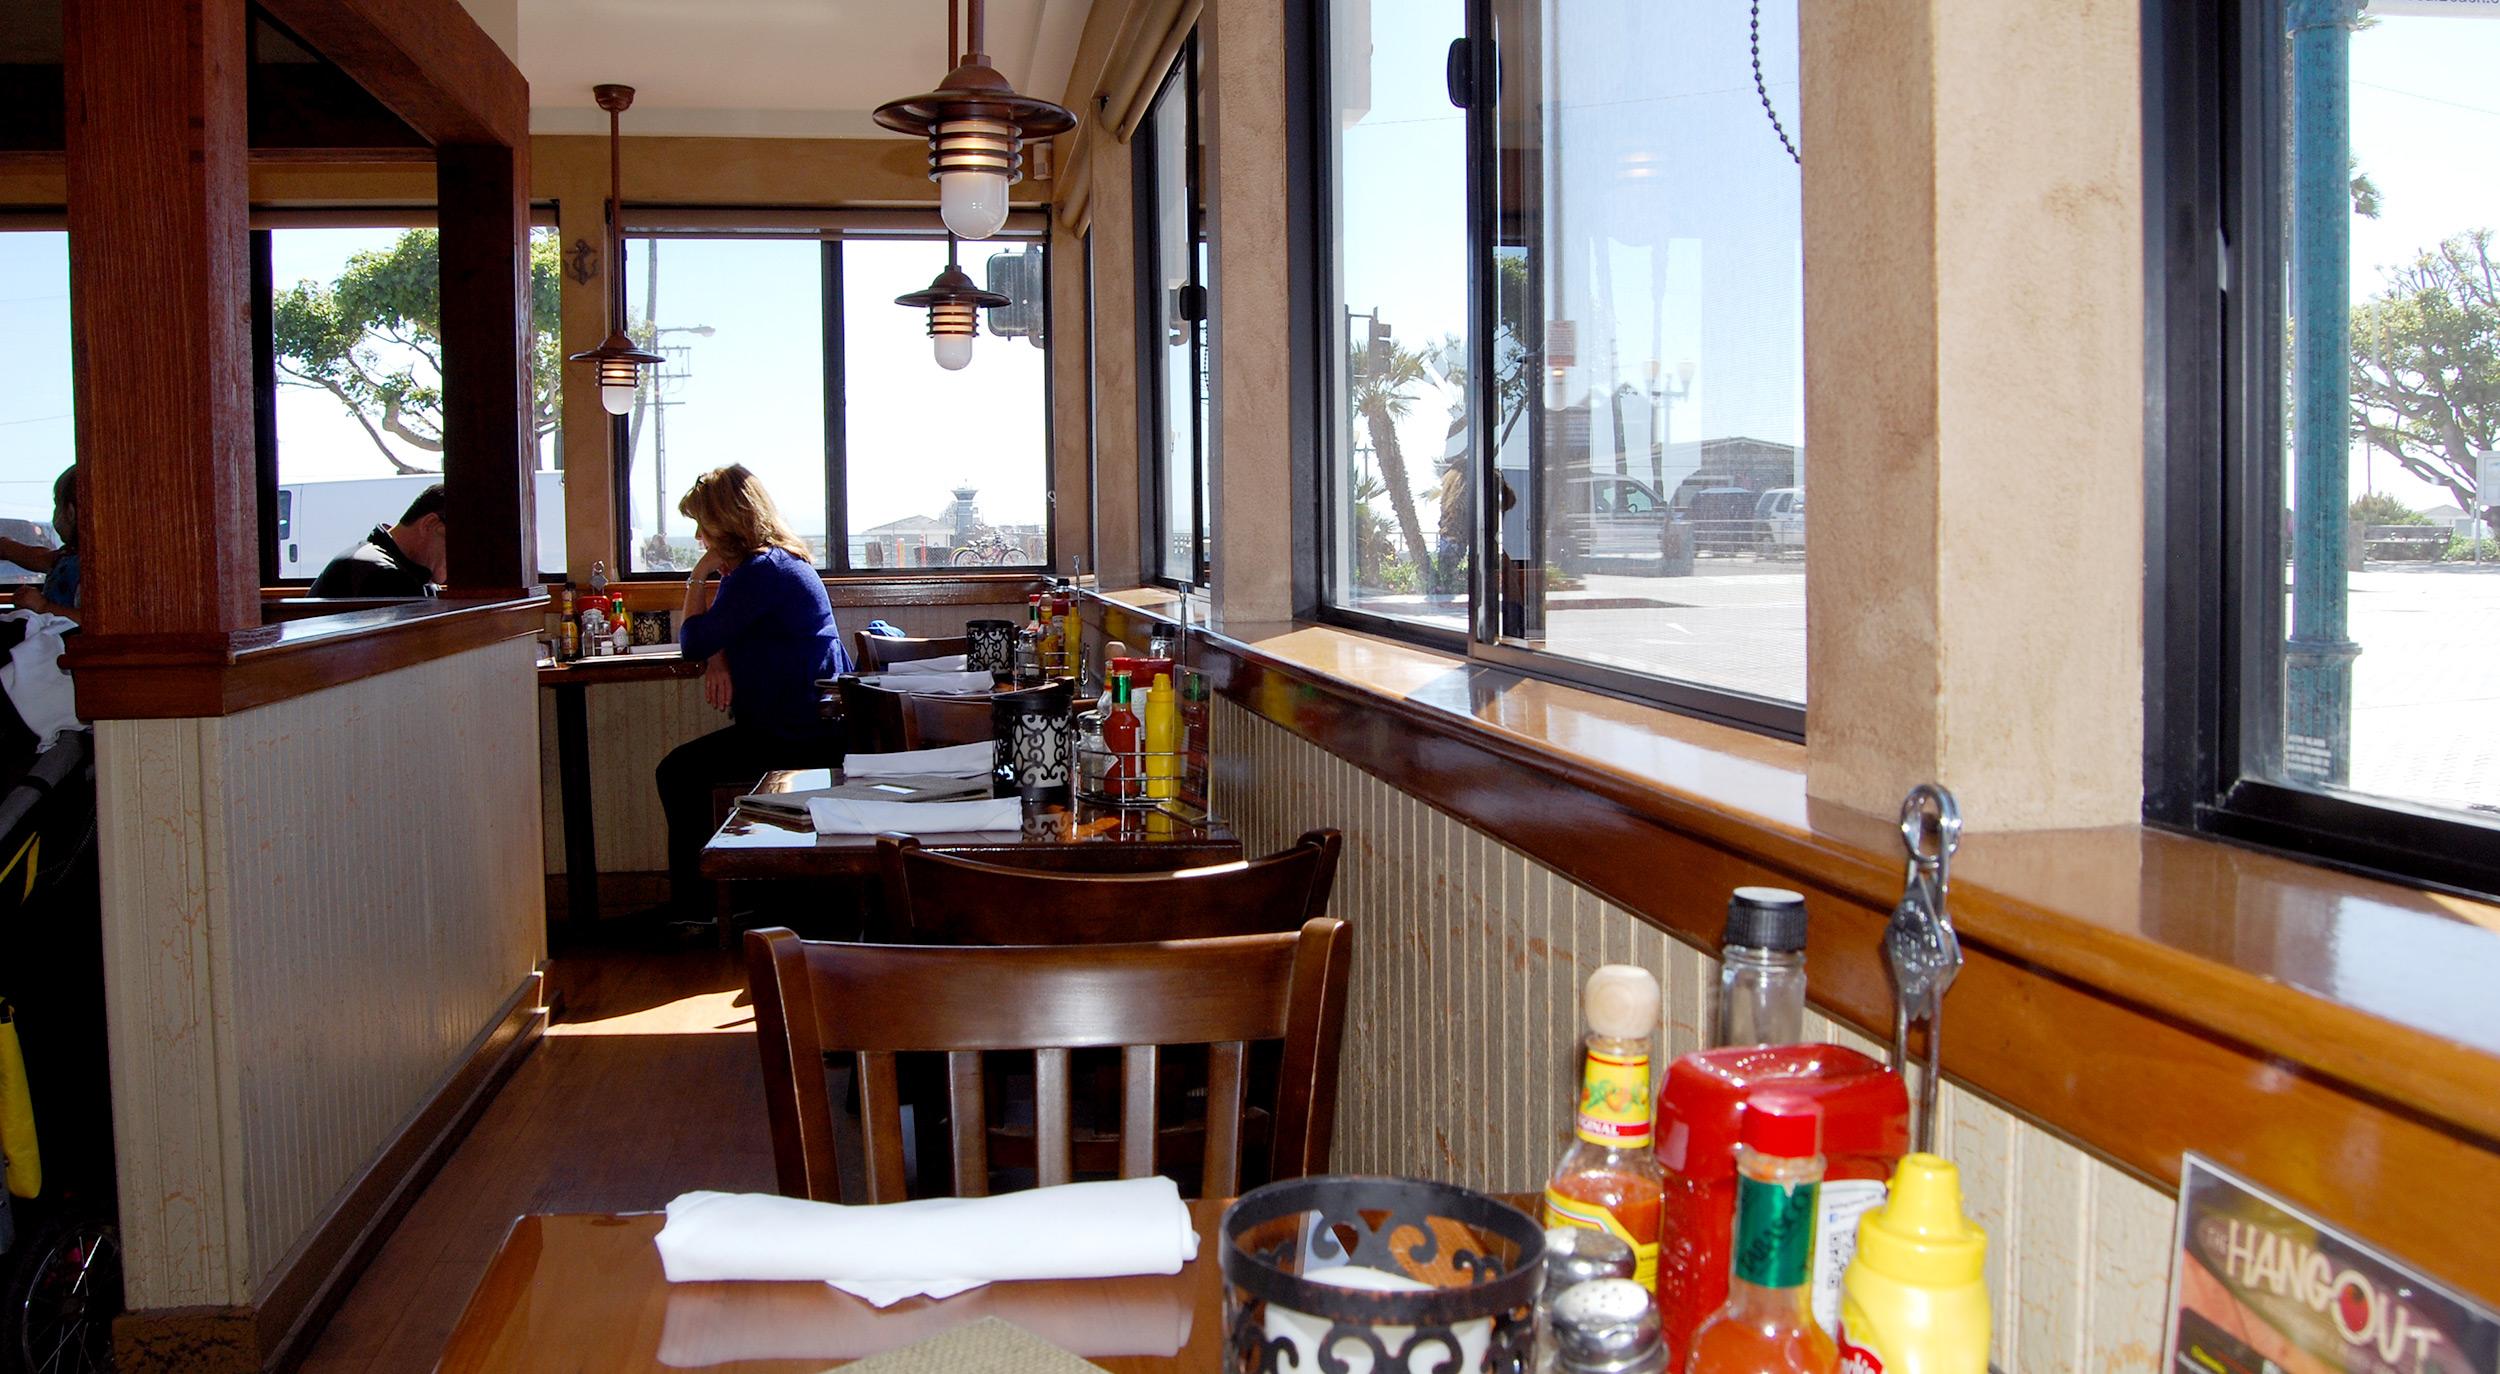 Lunch Restaurant In Seal Beach